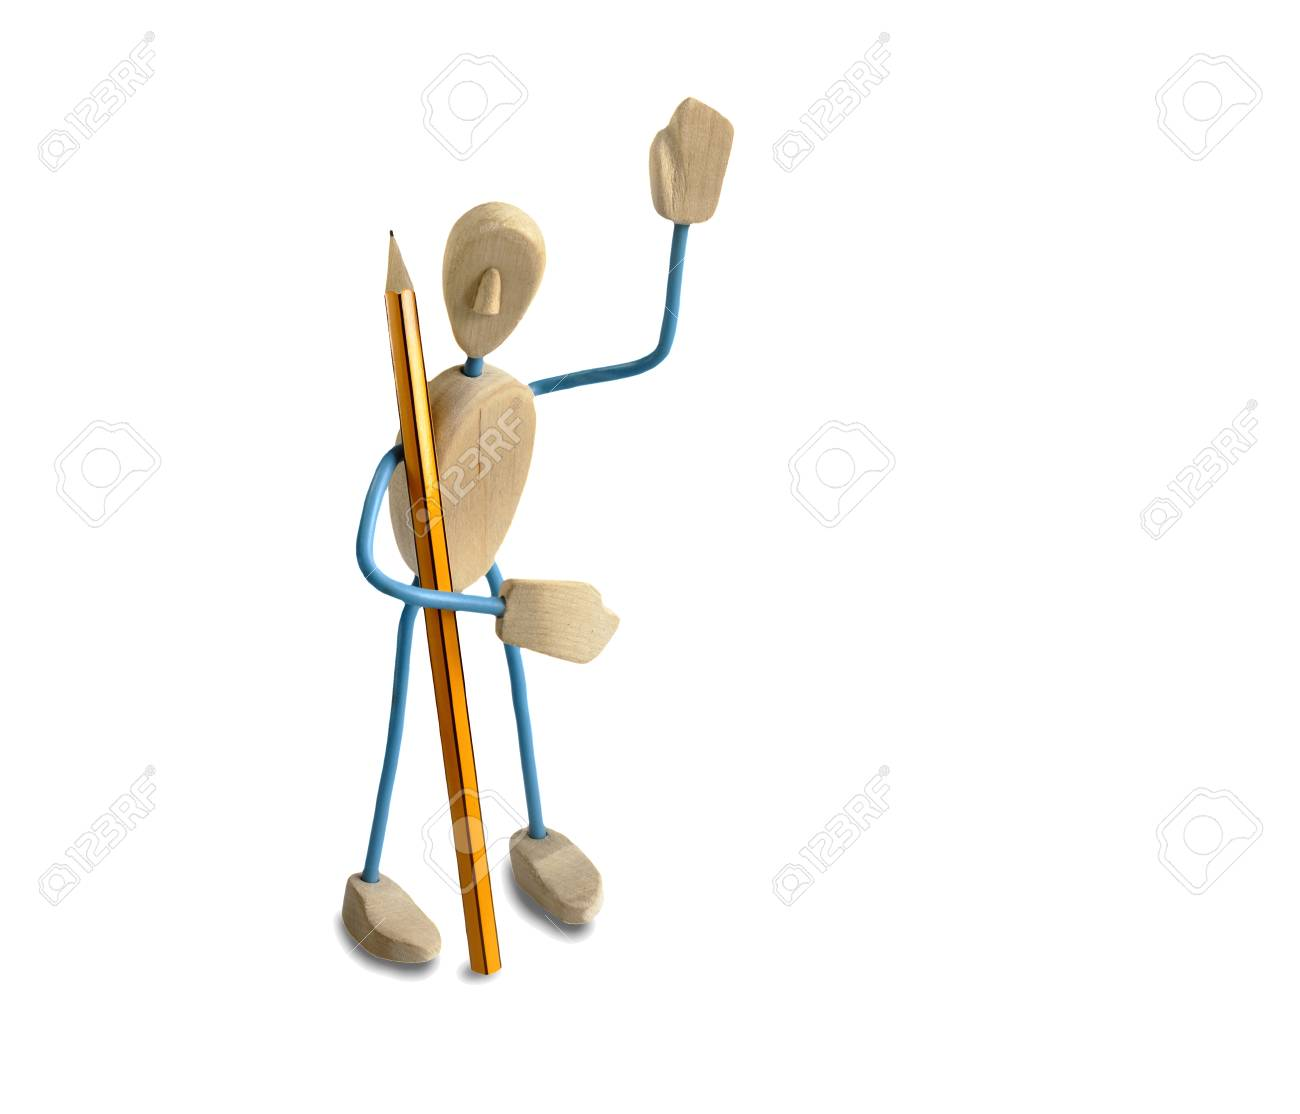 Spielzeug Aus Holz Von Einem Mann In Der Form. Auf Einem Weißen ...